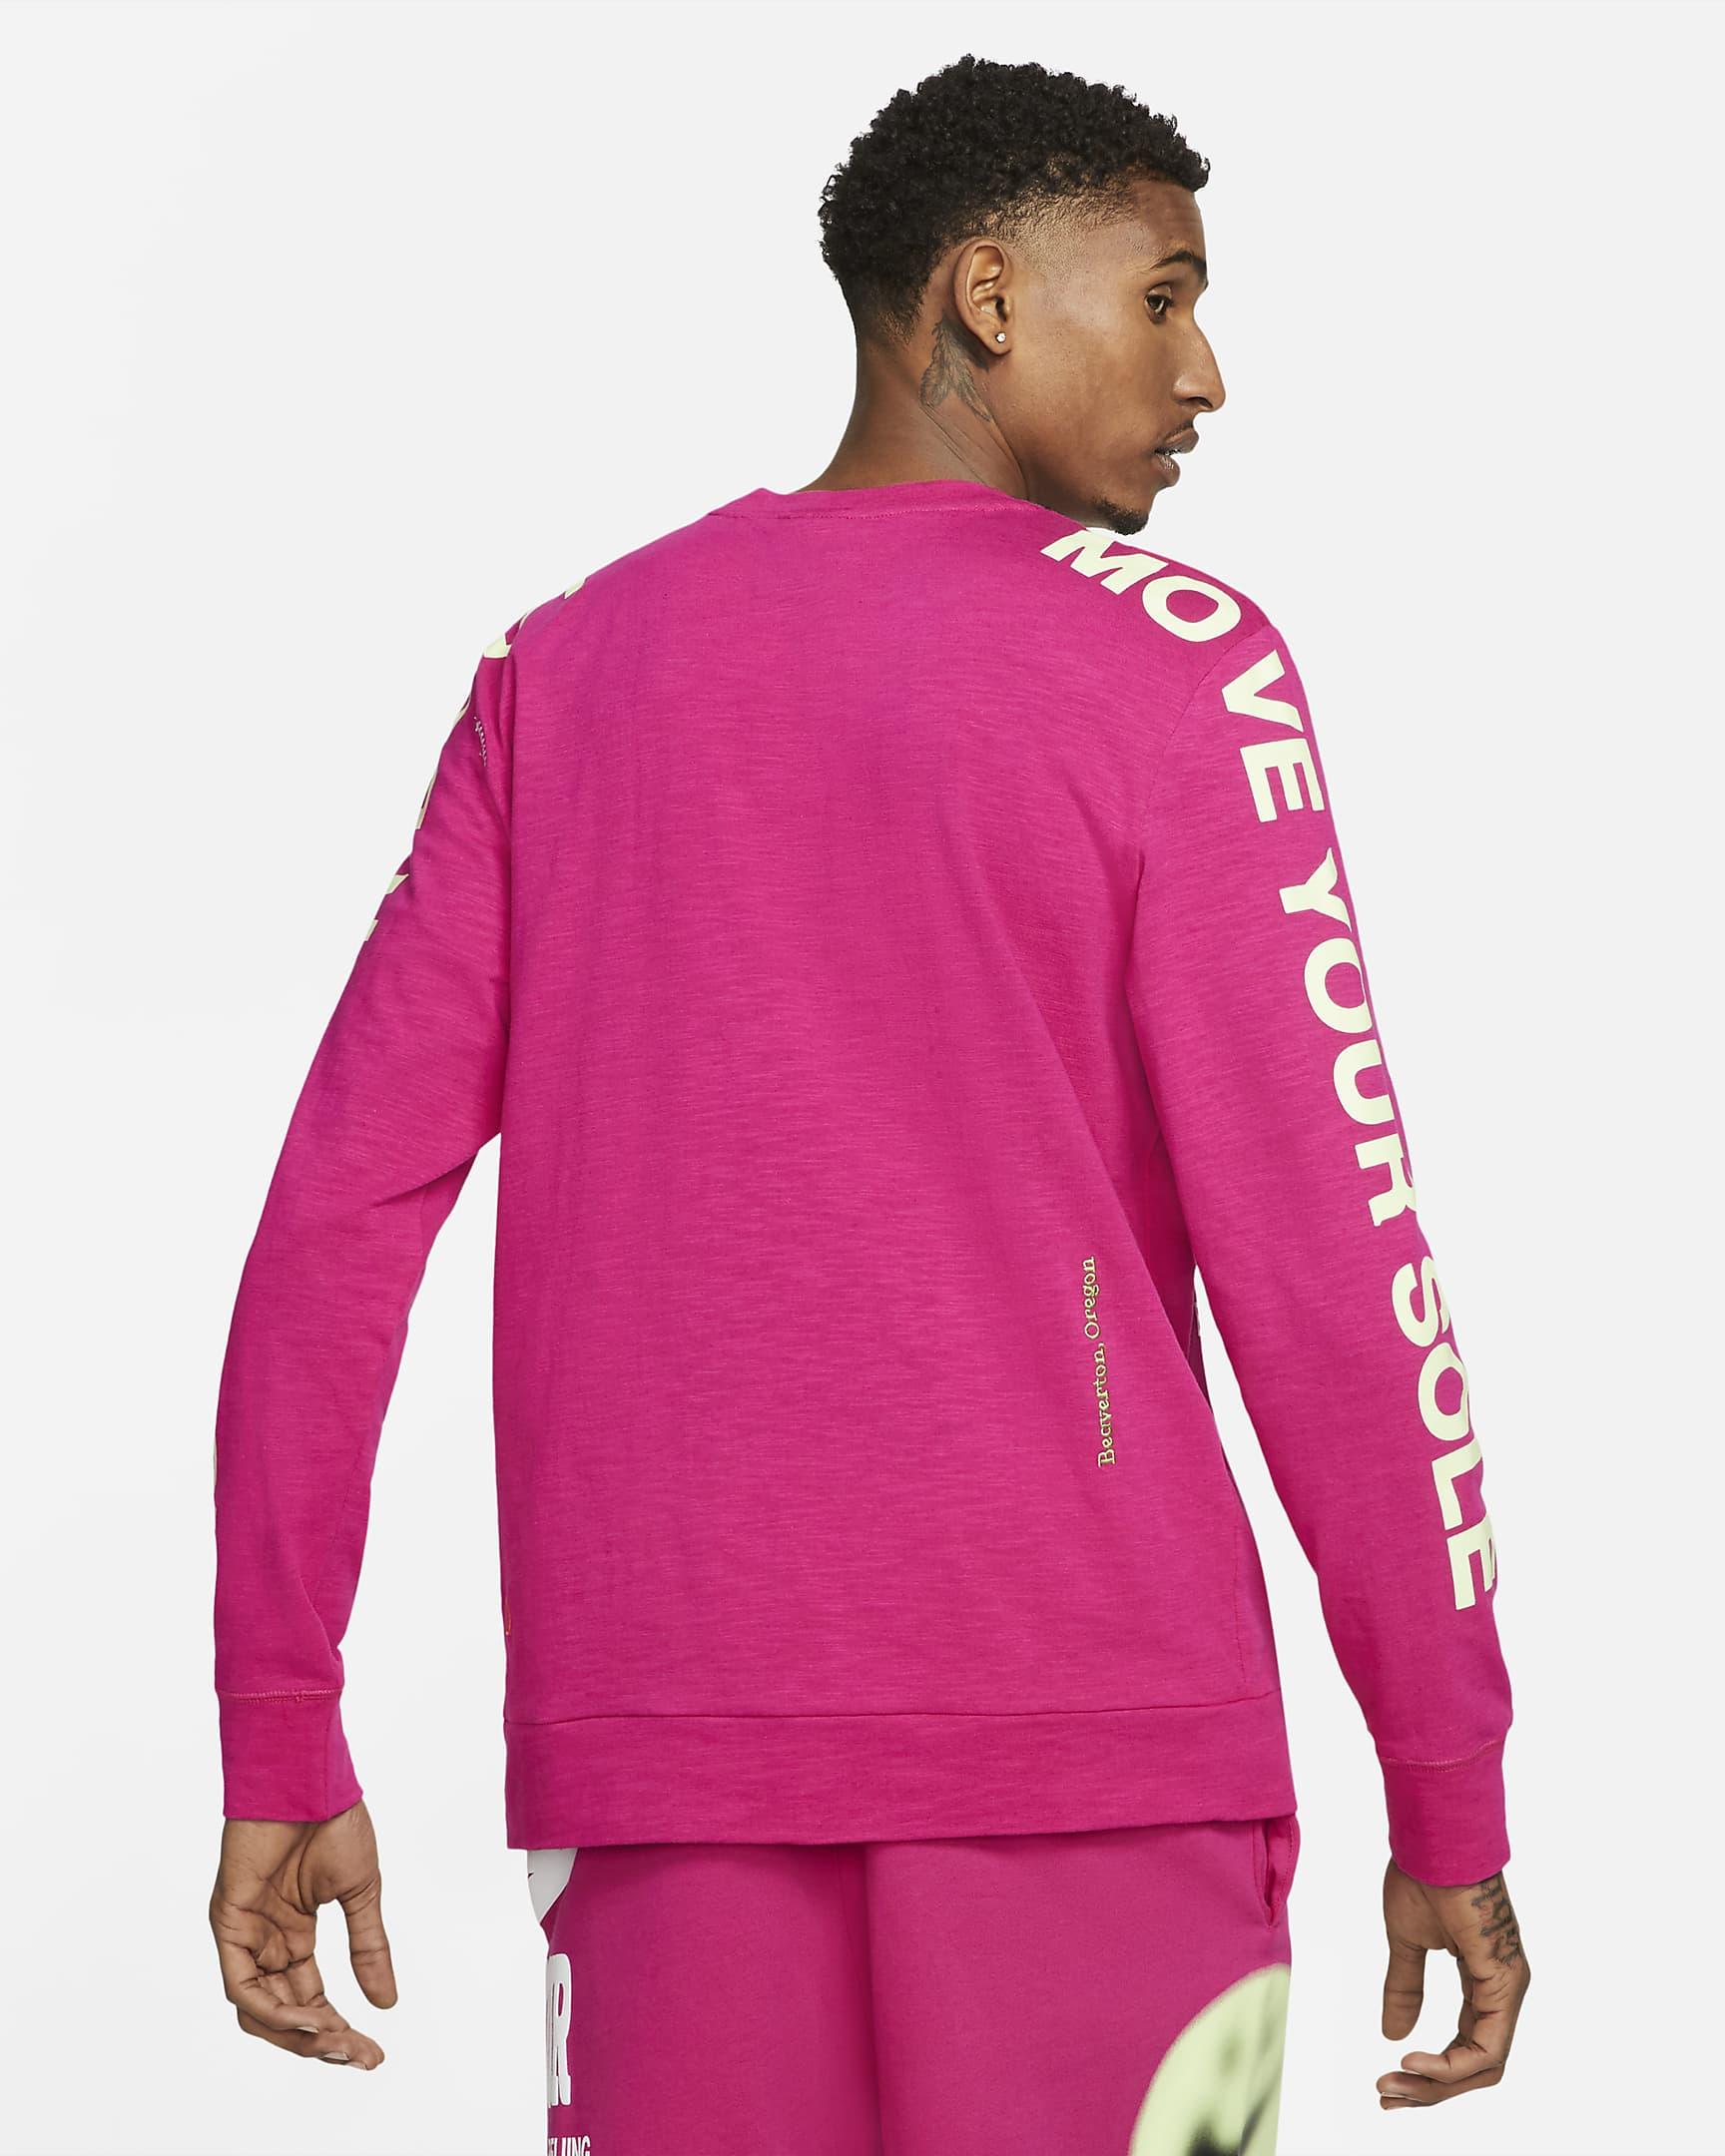 sportswear-mens-long-sleeve-top-HkJnlK-1